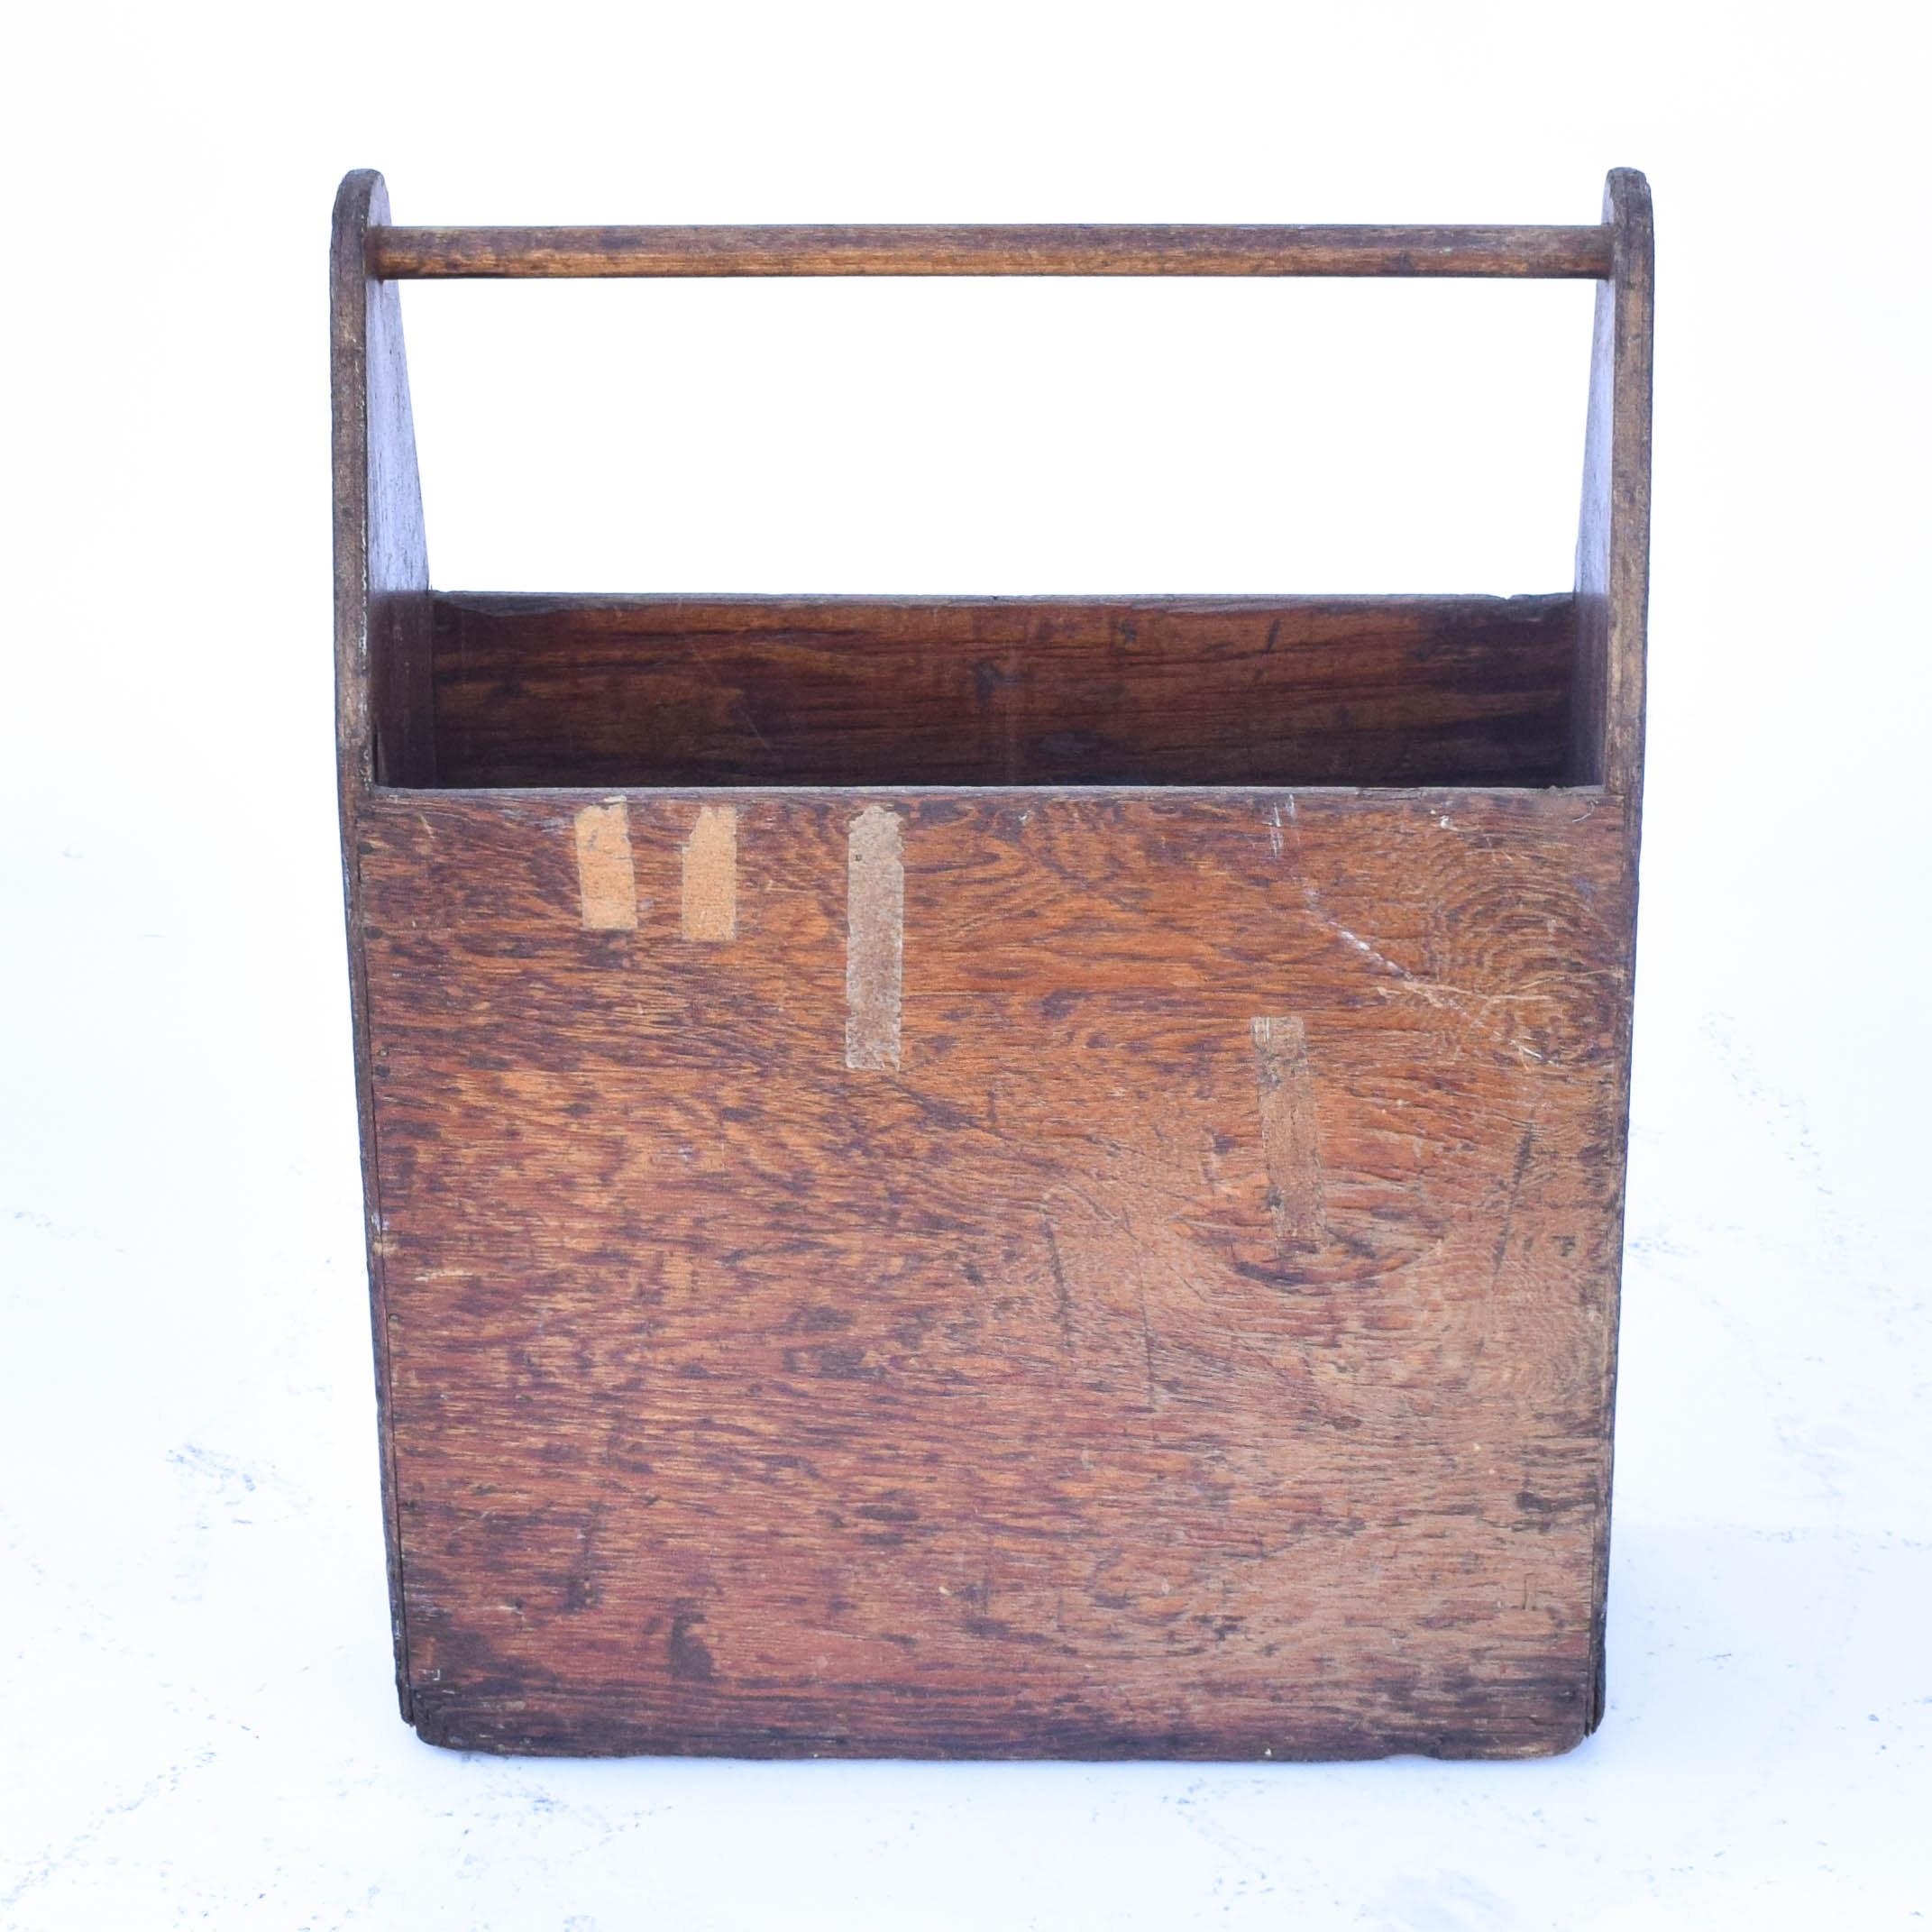 Vintage Rustic Wood Tool Tote